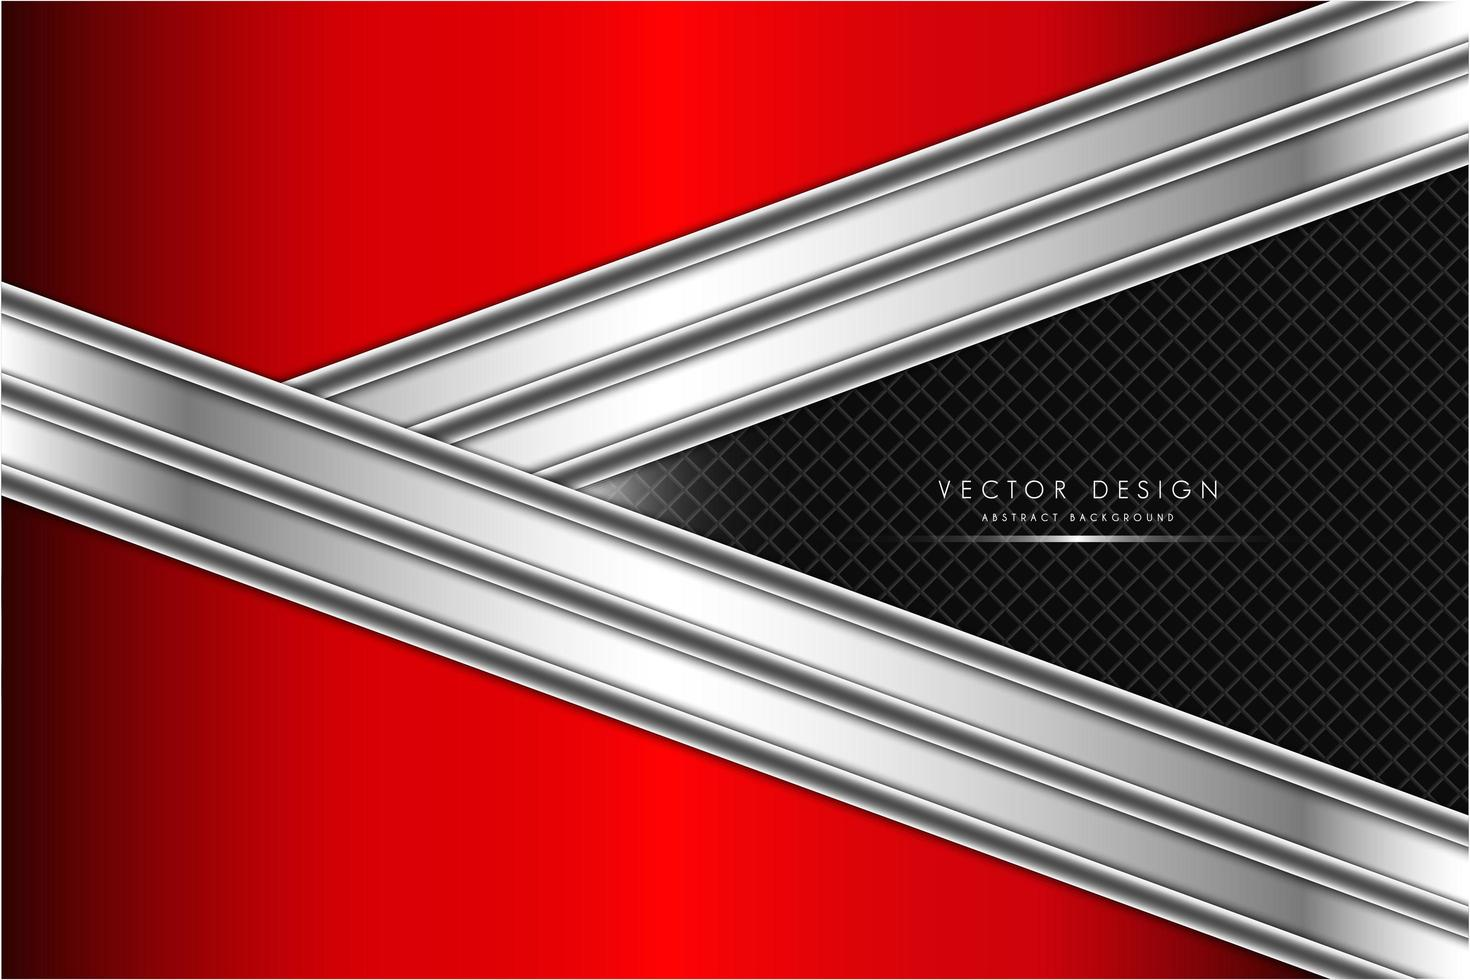 rode en zilveren metalen pijlvorm achtergrond vector